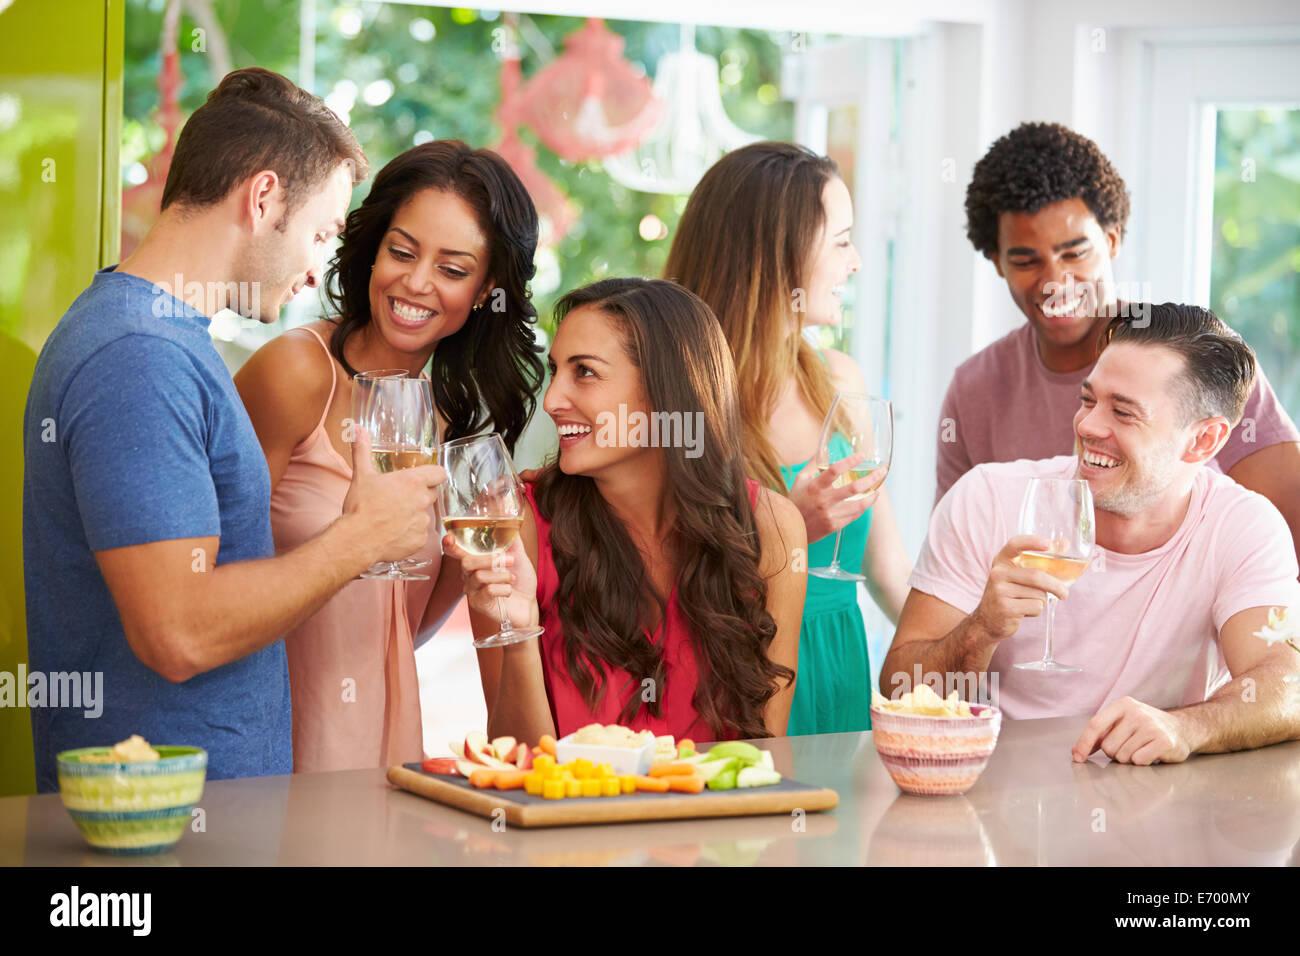 Grupo de amigos disfrutando de bebidas fiesta en casa Imagen De Stock